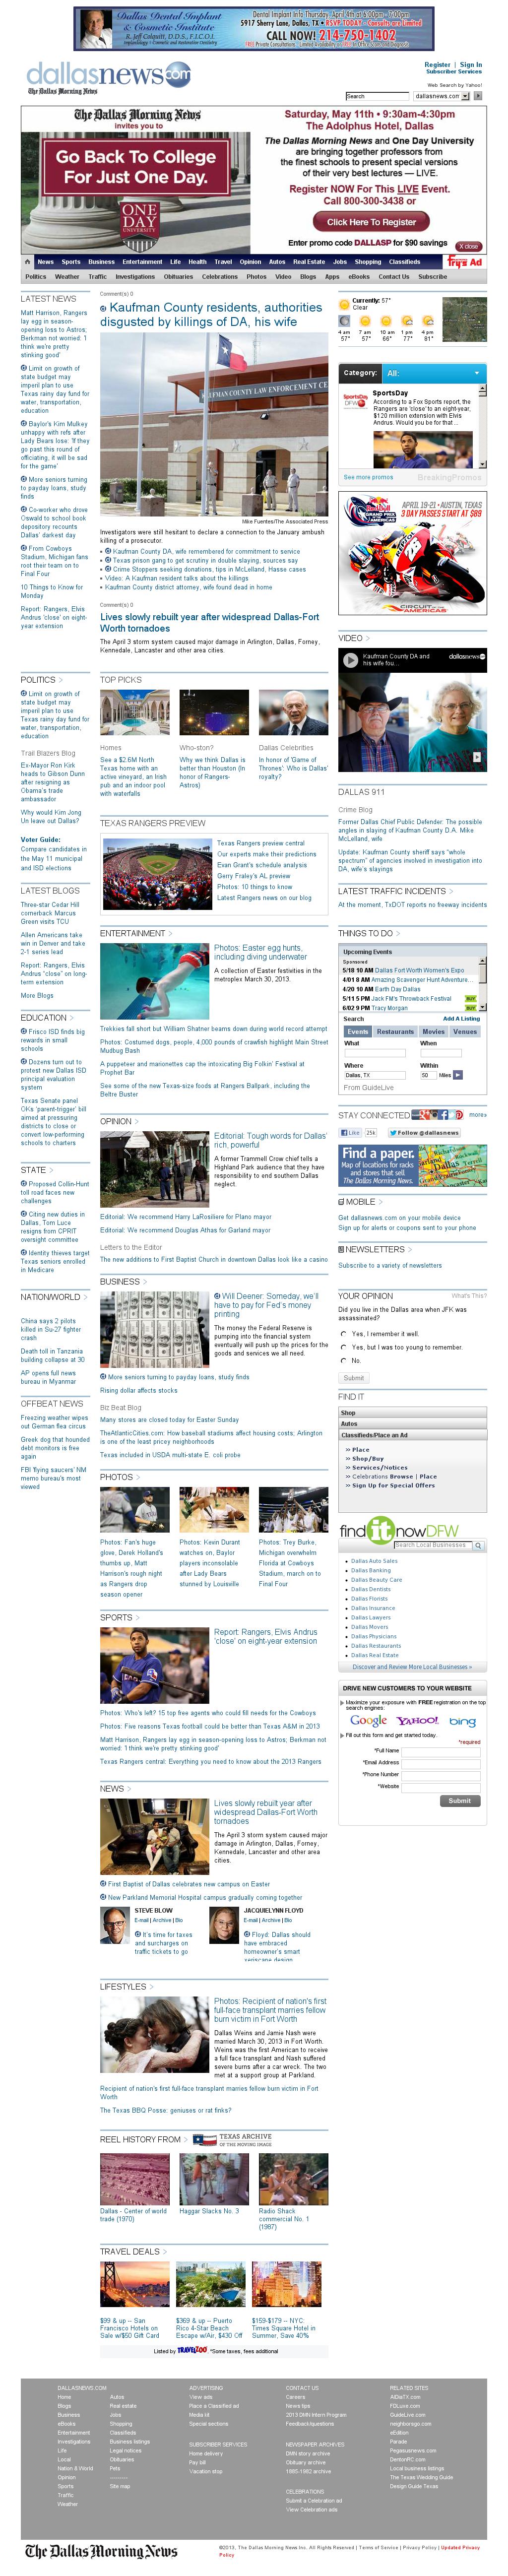 dallasnews.com at Monday April 1, 2013, 8:04 a.m. UTC